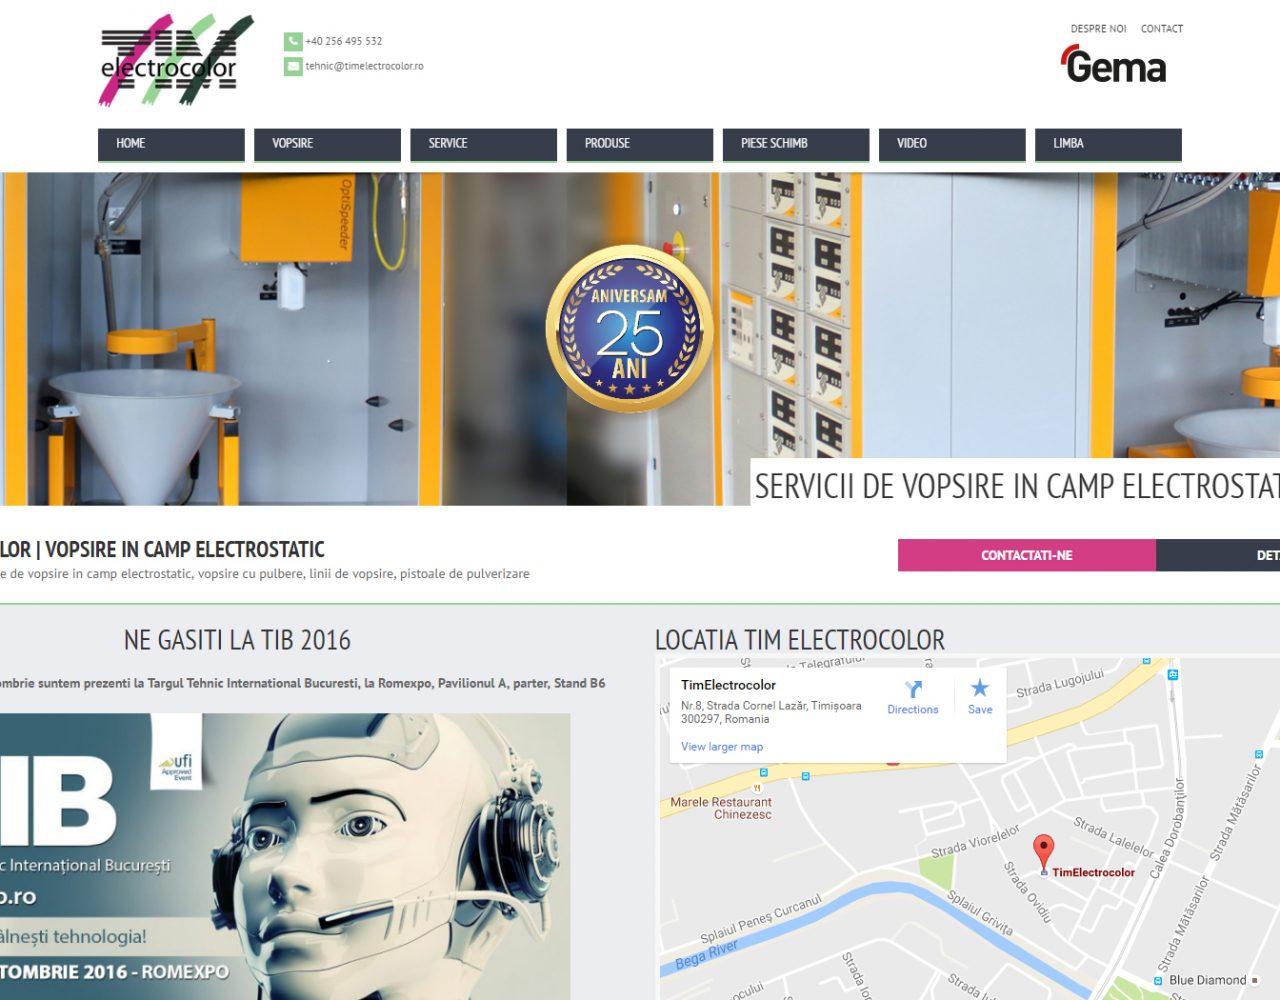 optimizare seo agentie web design timisoara tim electrocolor